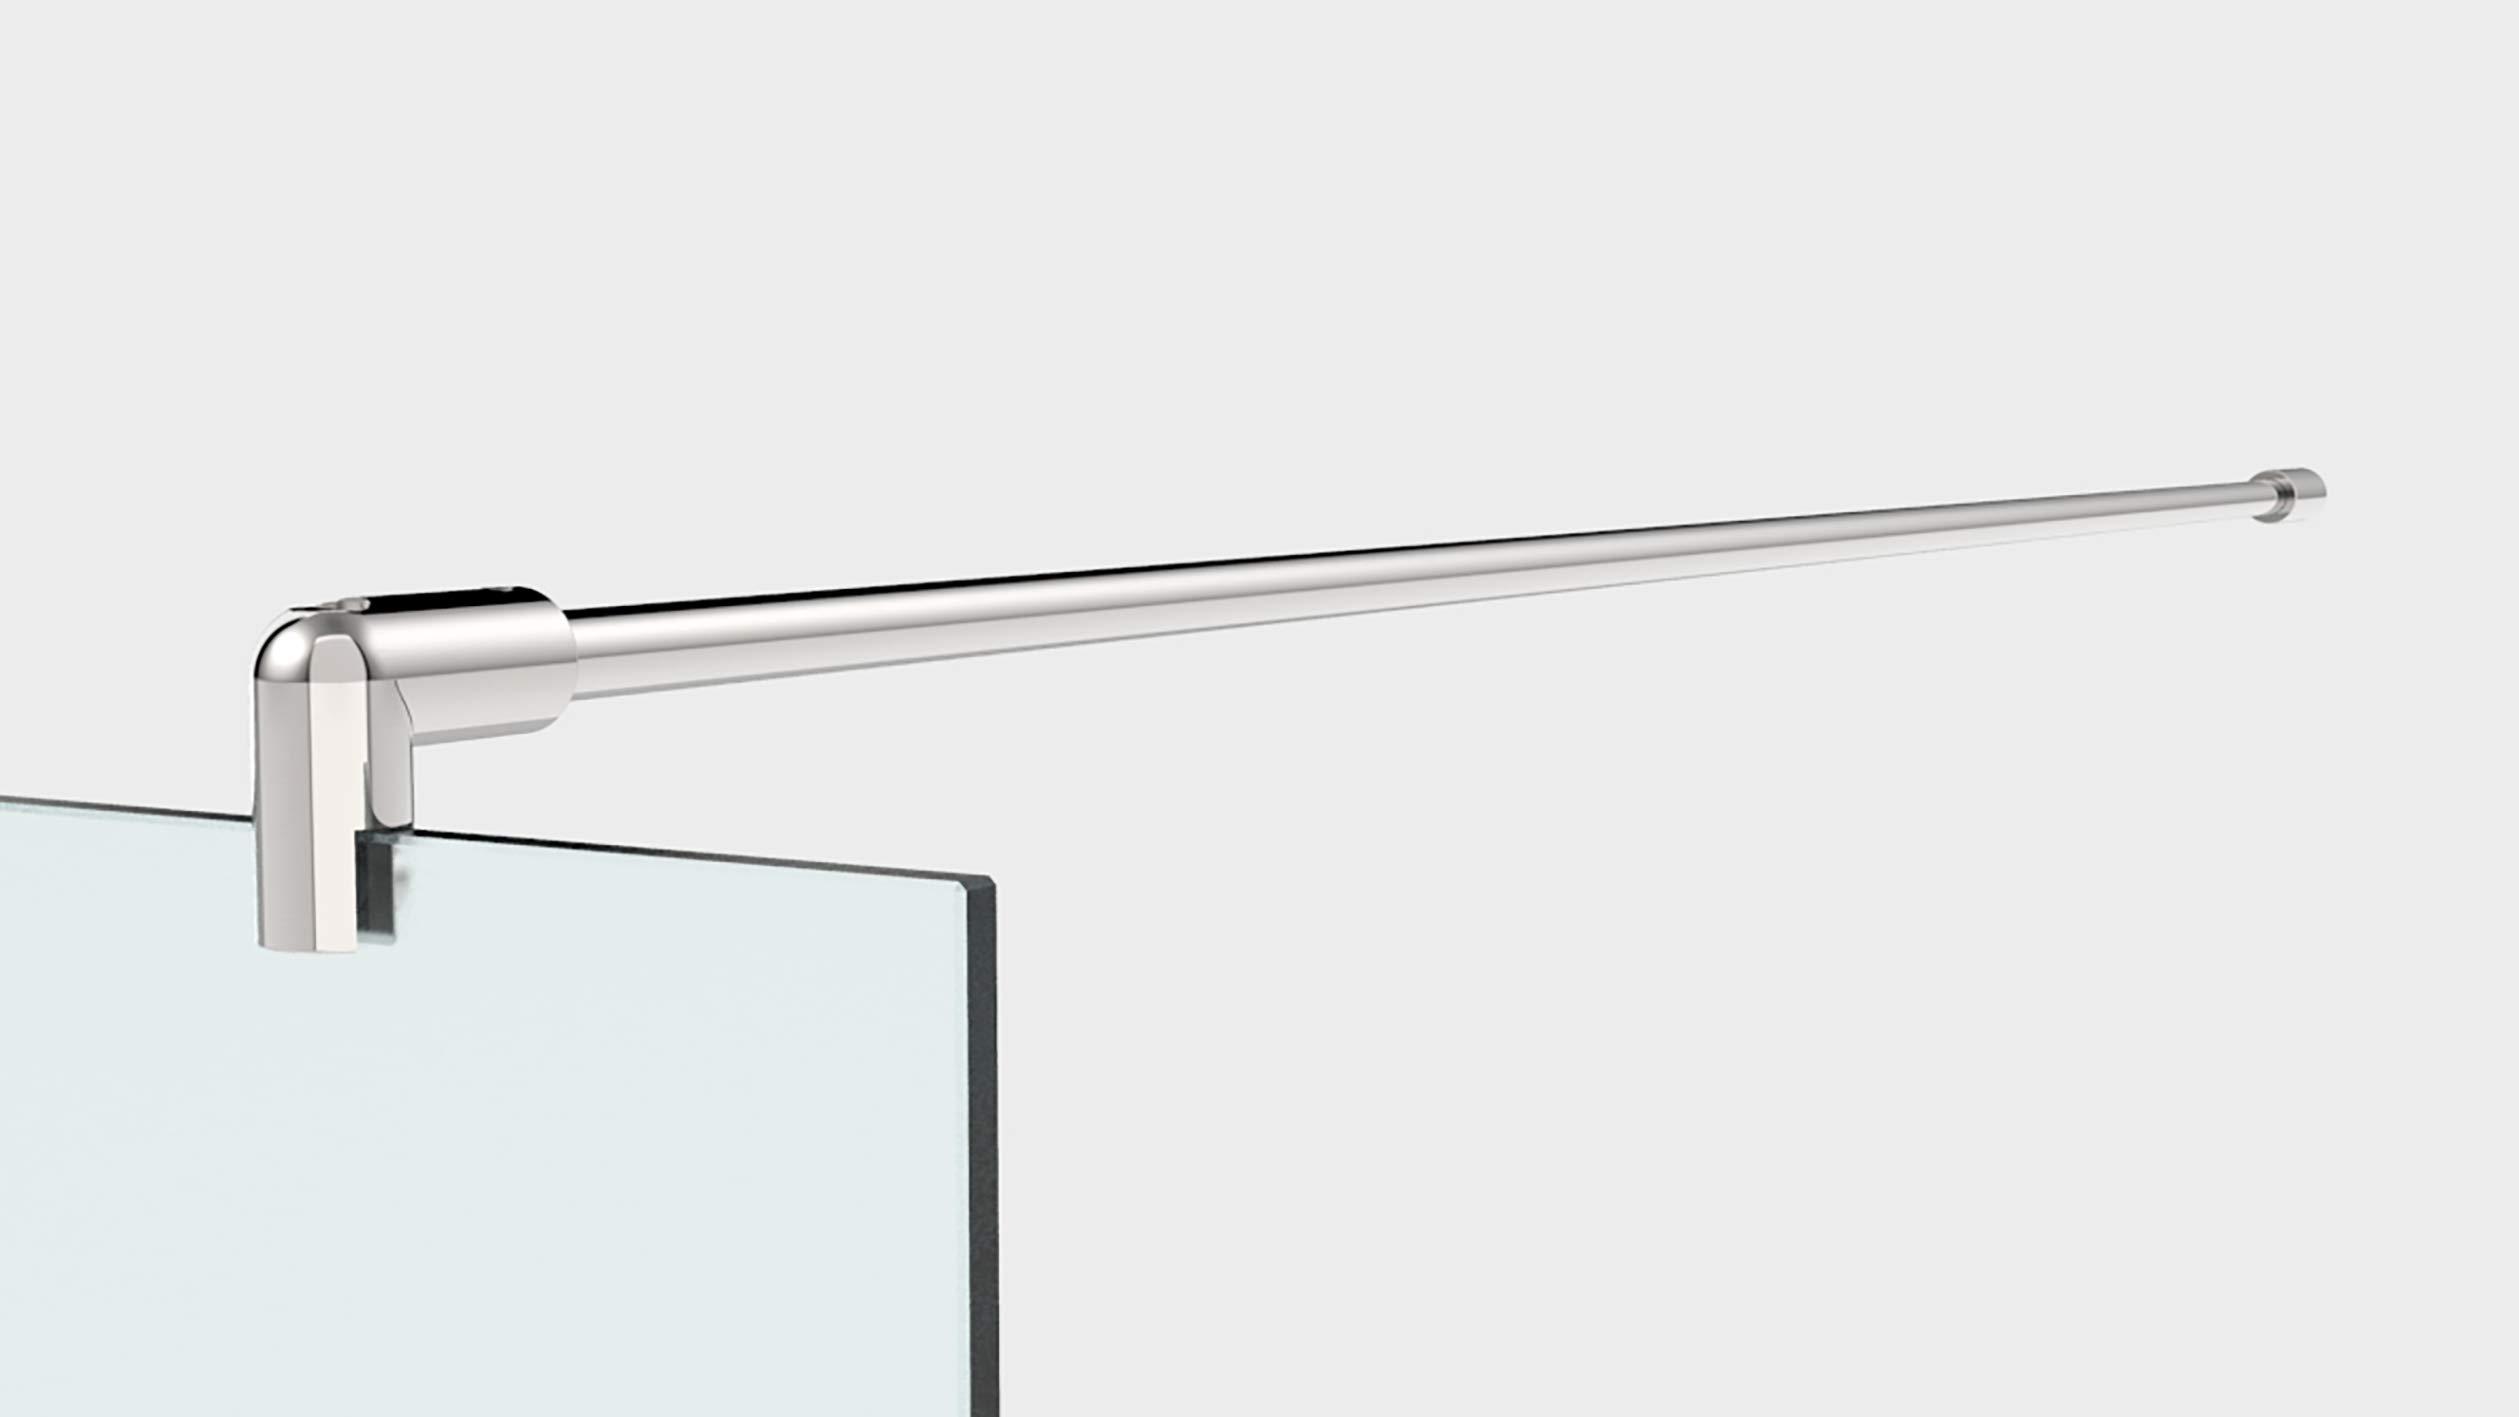 Mampara de ducha de vidrio templado con decoración LaserVision_004, ducha de cristal, grabado láser, varios diseños y dimensiones, incluye perfiles en cromo (alimentación Premium), 1300x2000mm: Amazon.es: Hogar